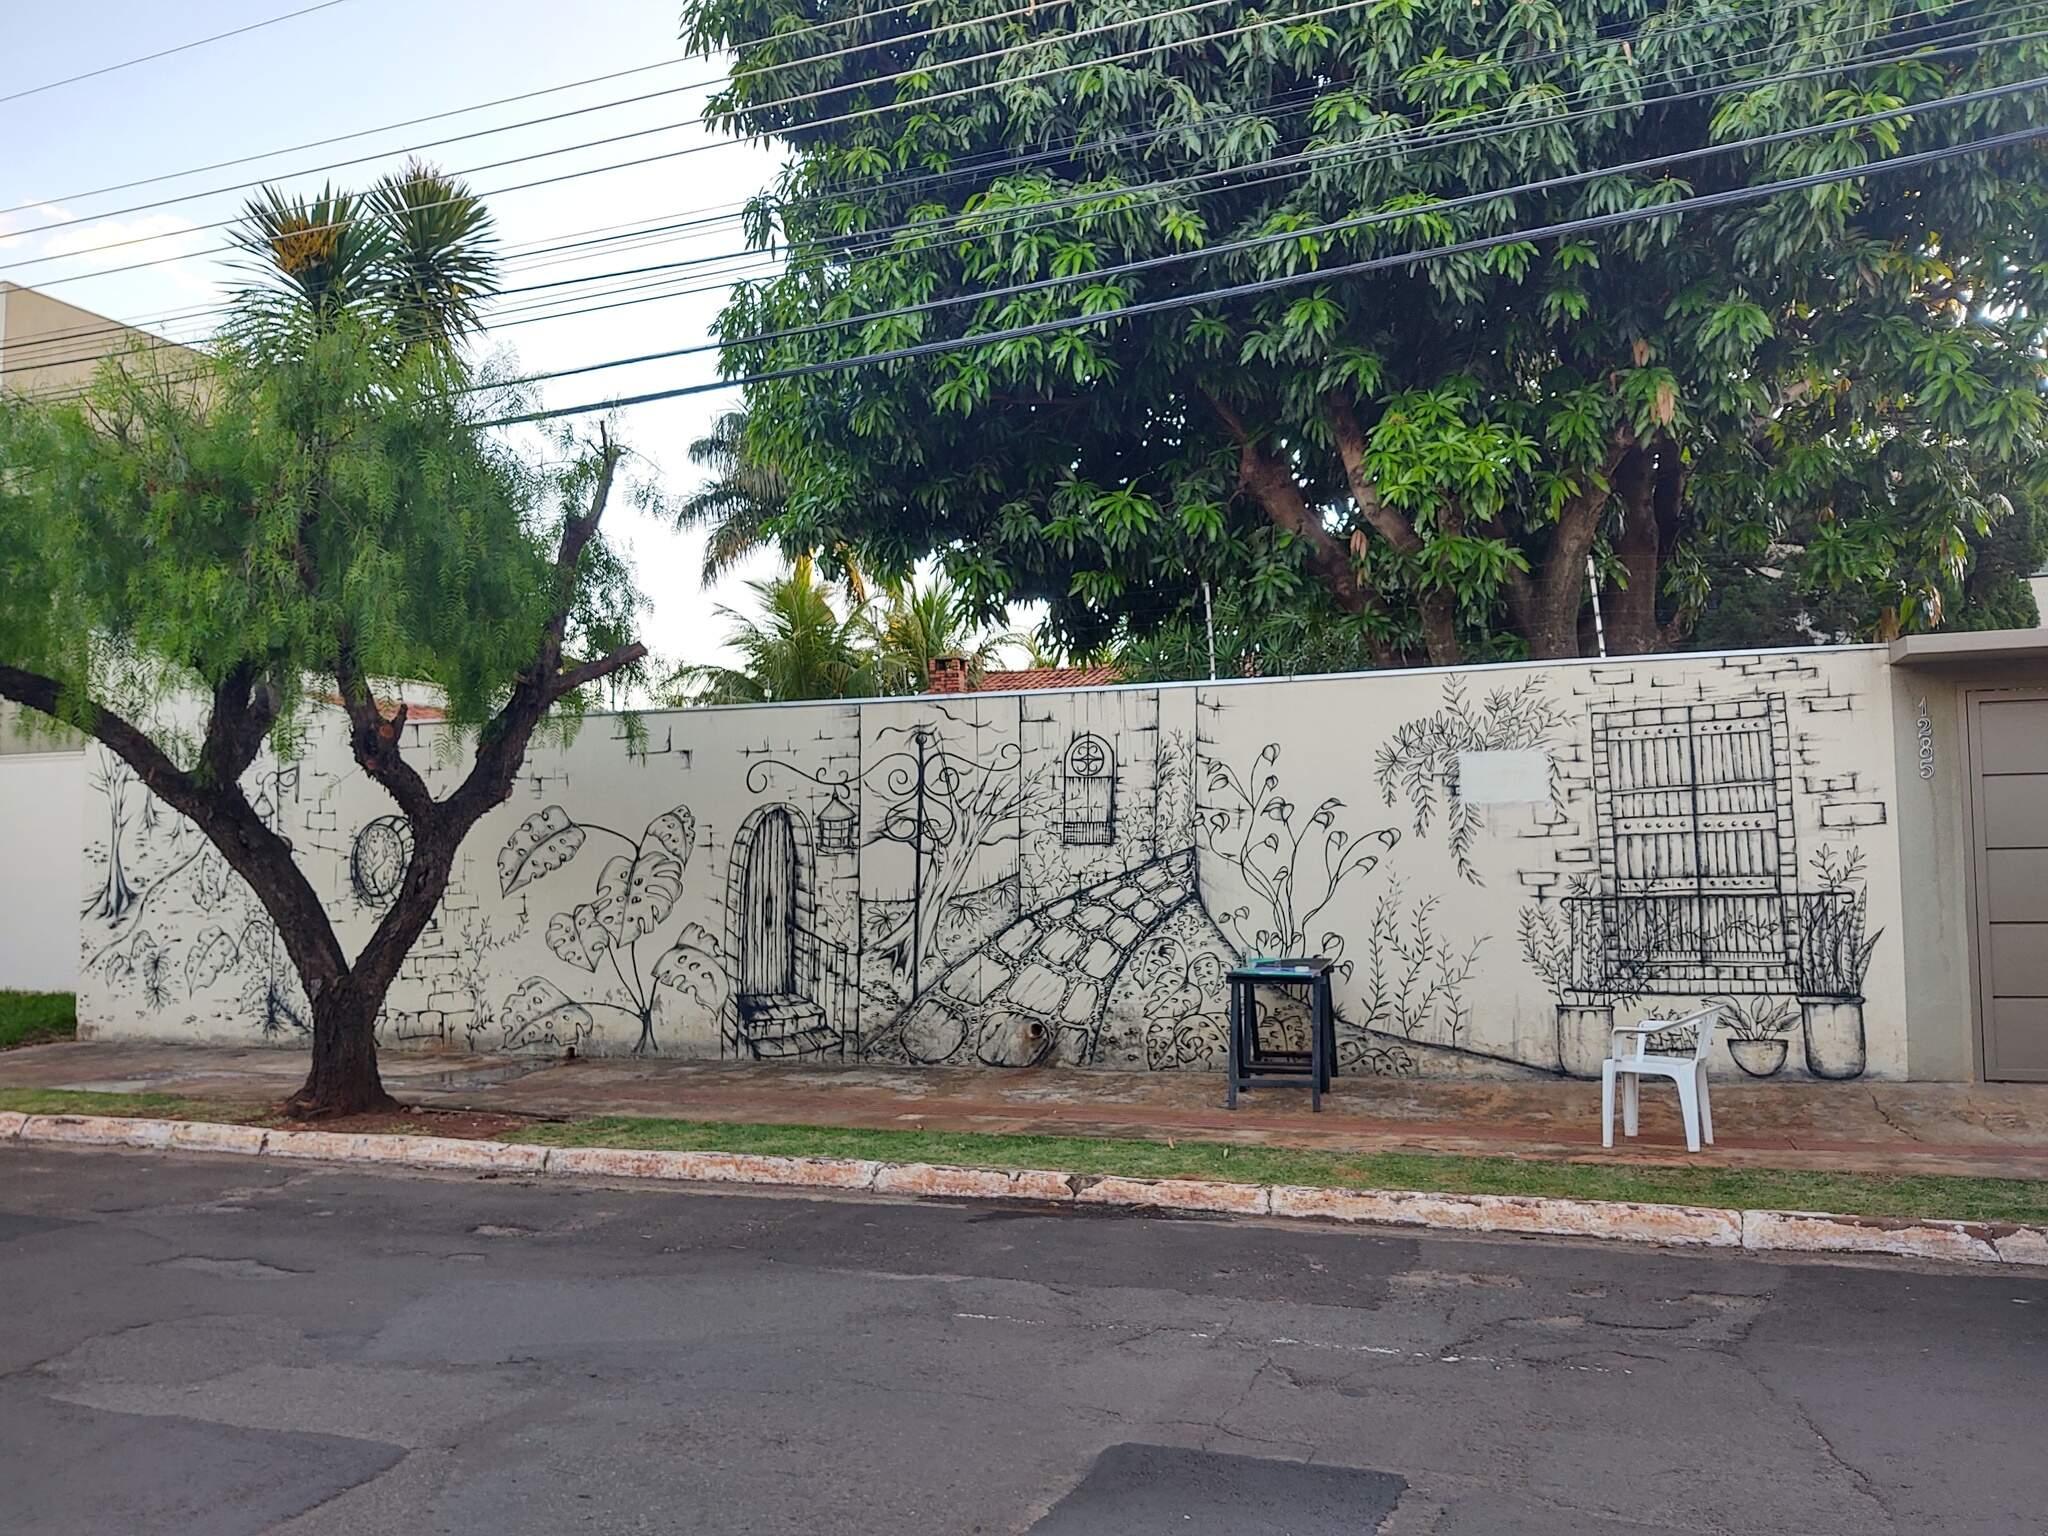 Paisagens e arquitetura desenhados atraem curiosos no Jardim Autonomista.